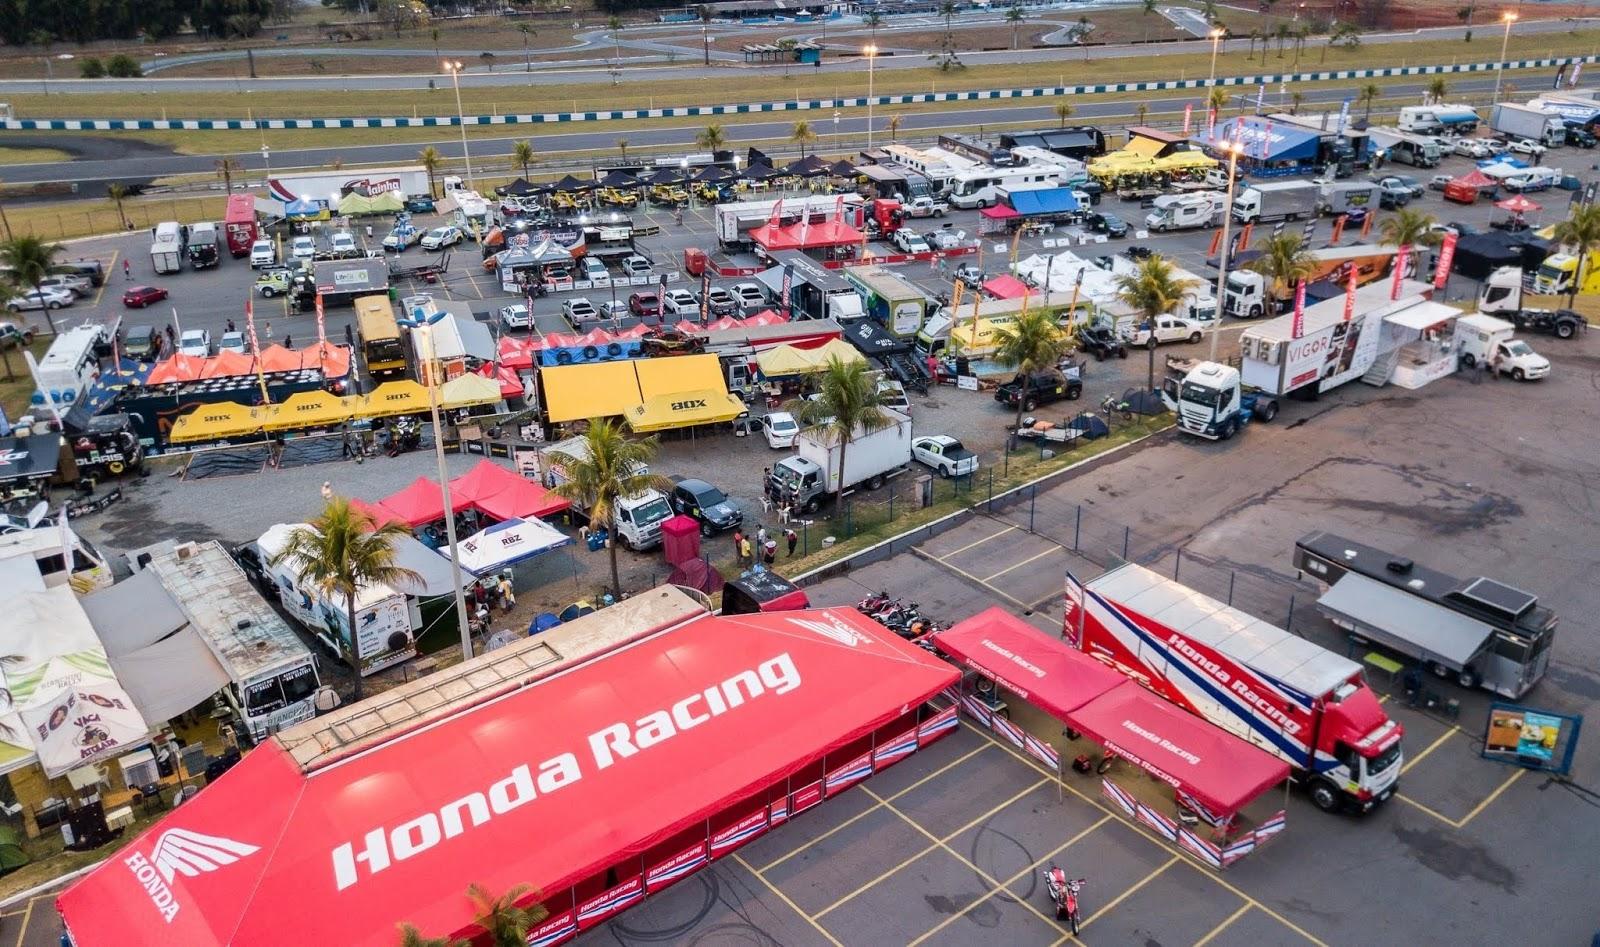 4112bae0254 As corridas classificatórias começam às 13 horas e envolvem todos os  veículos que participarão da prova. As motos partirão de três em três pelo  autódromo ...